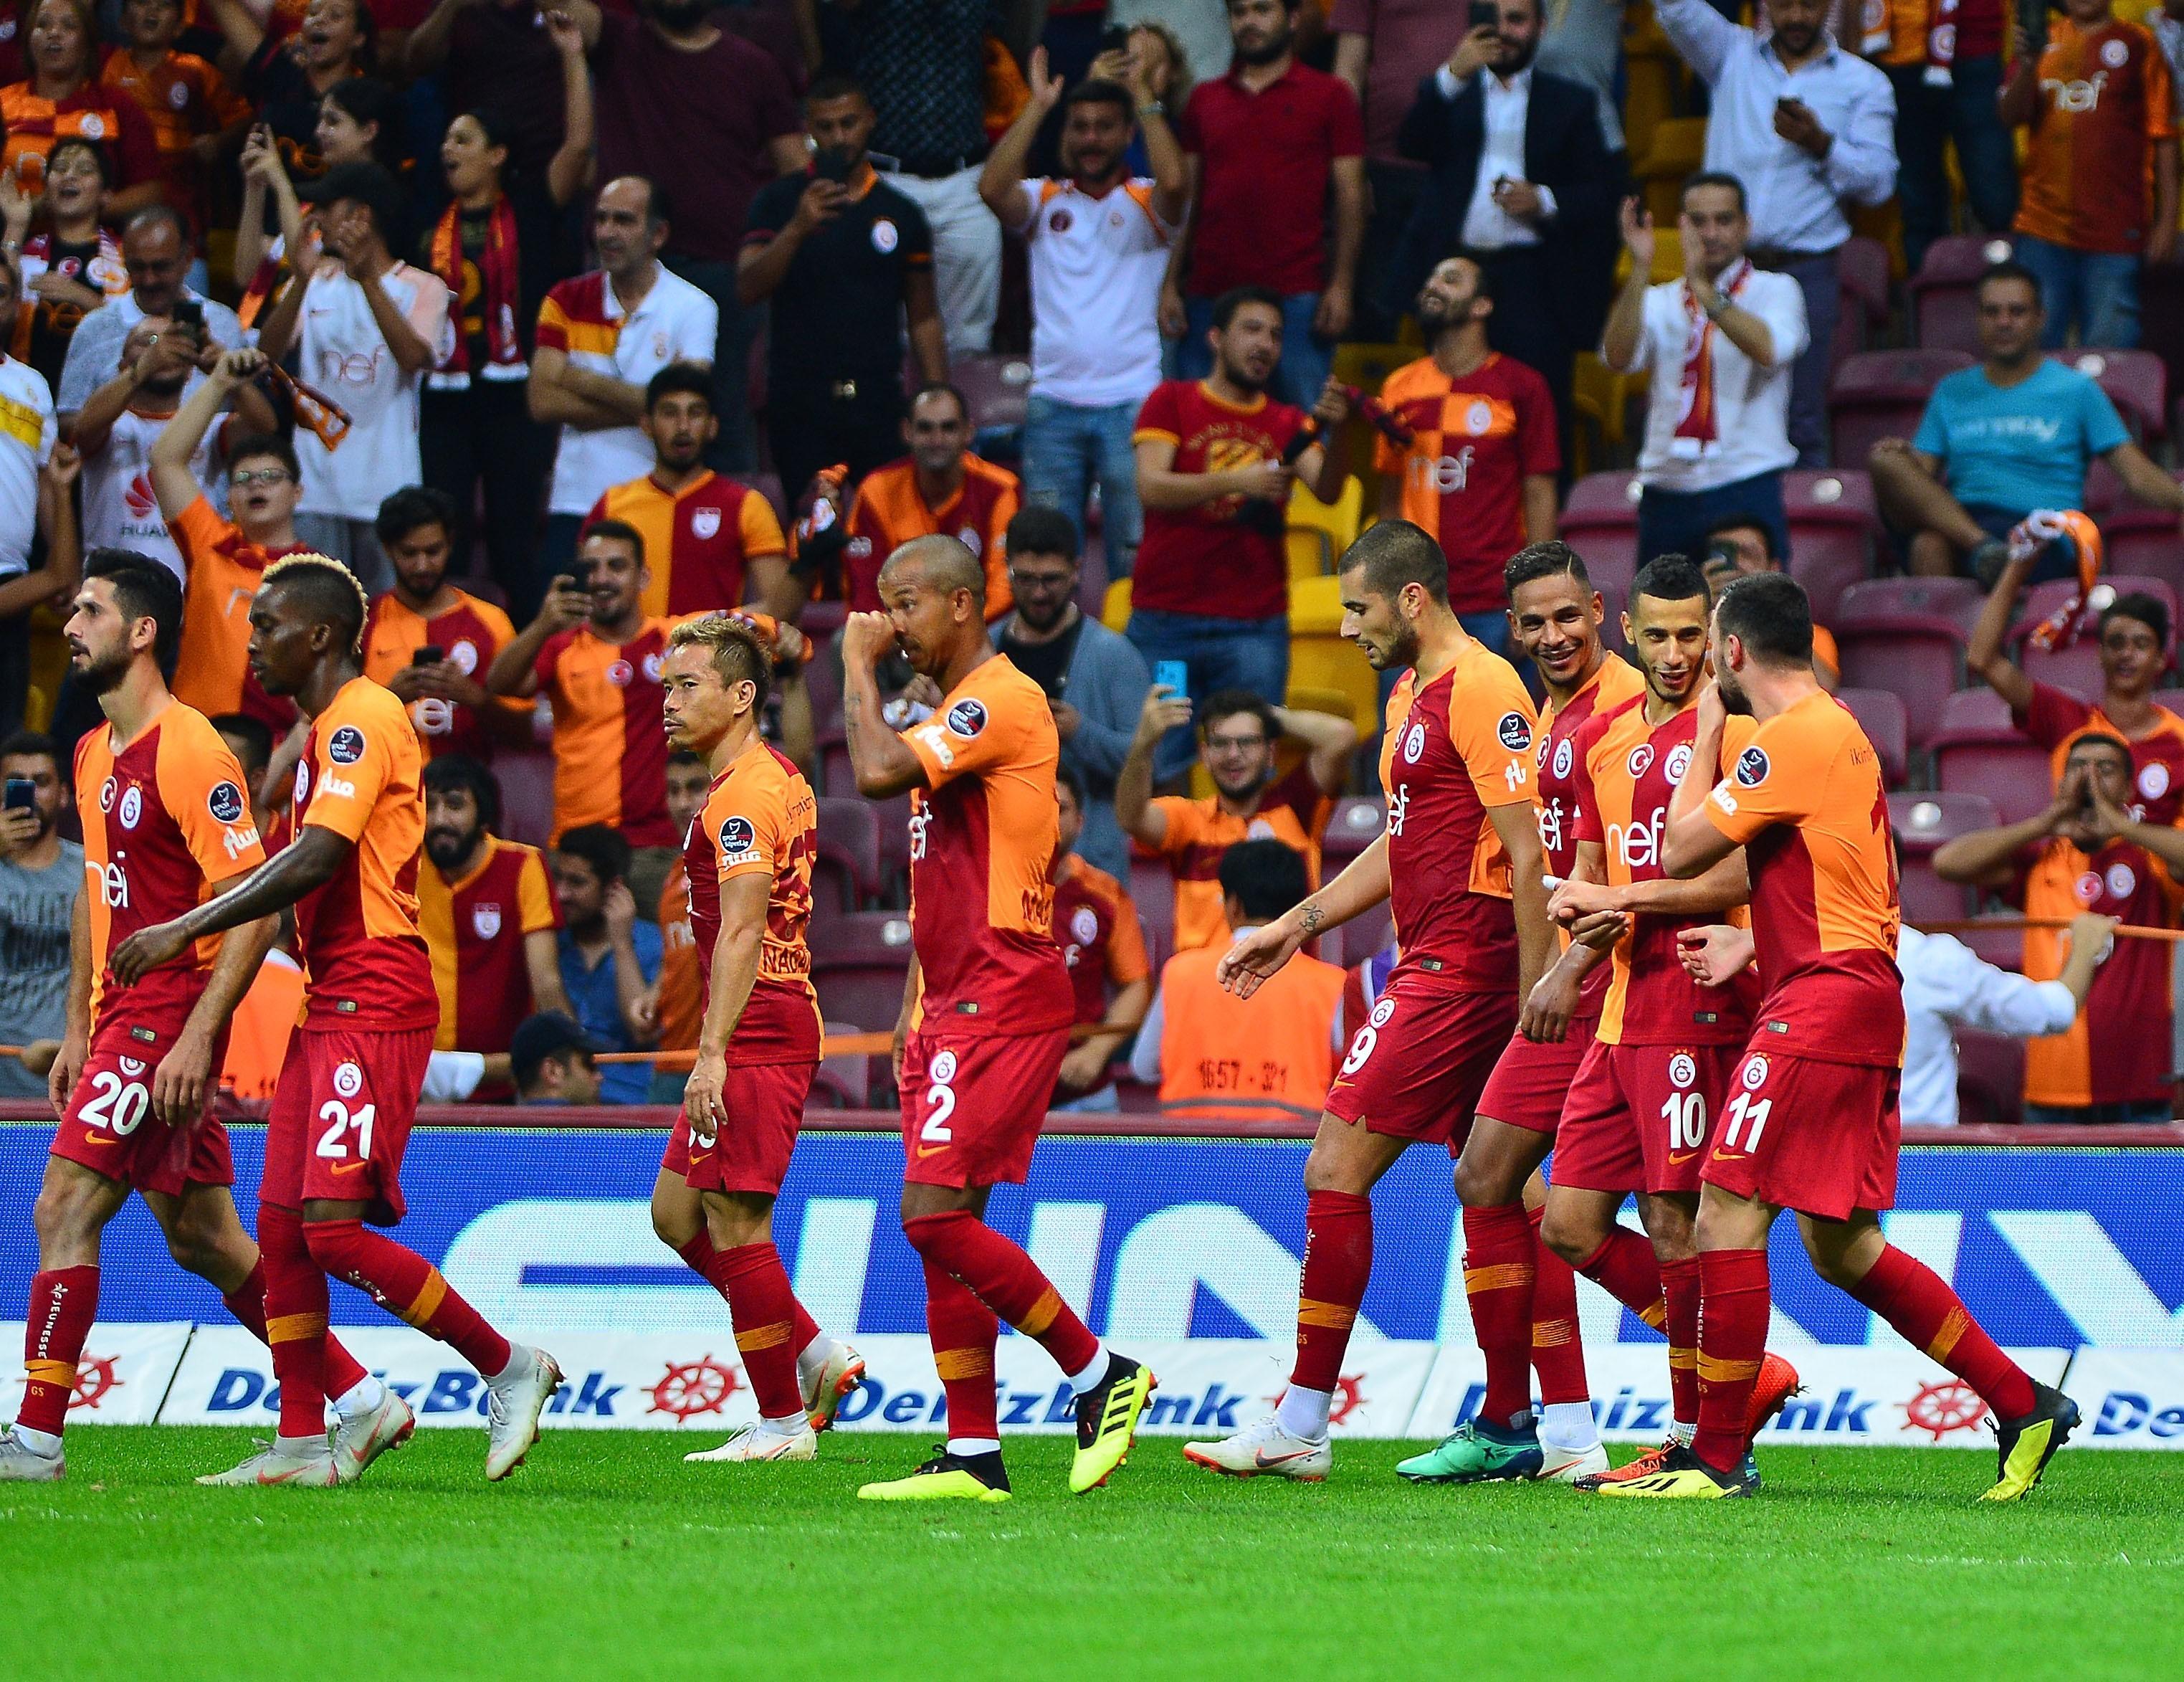 Şampiyonlar Ligi: Galatasaray şampiyonlar Ligi Rakipleri 2018